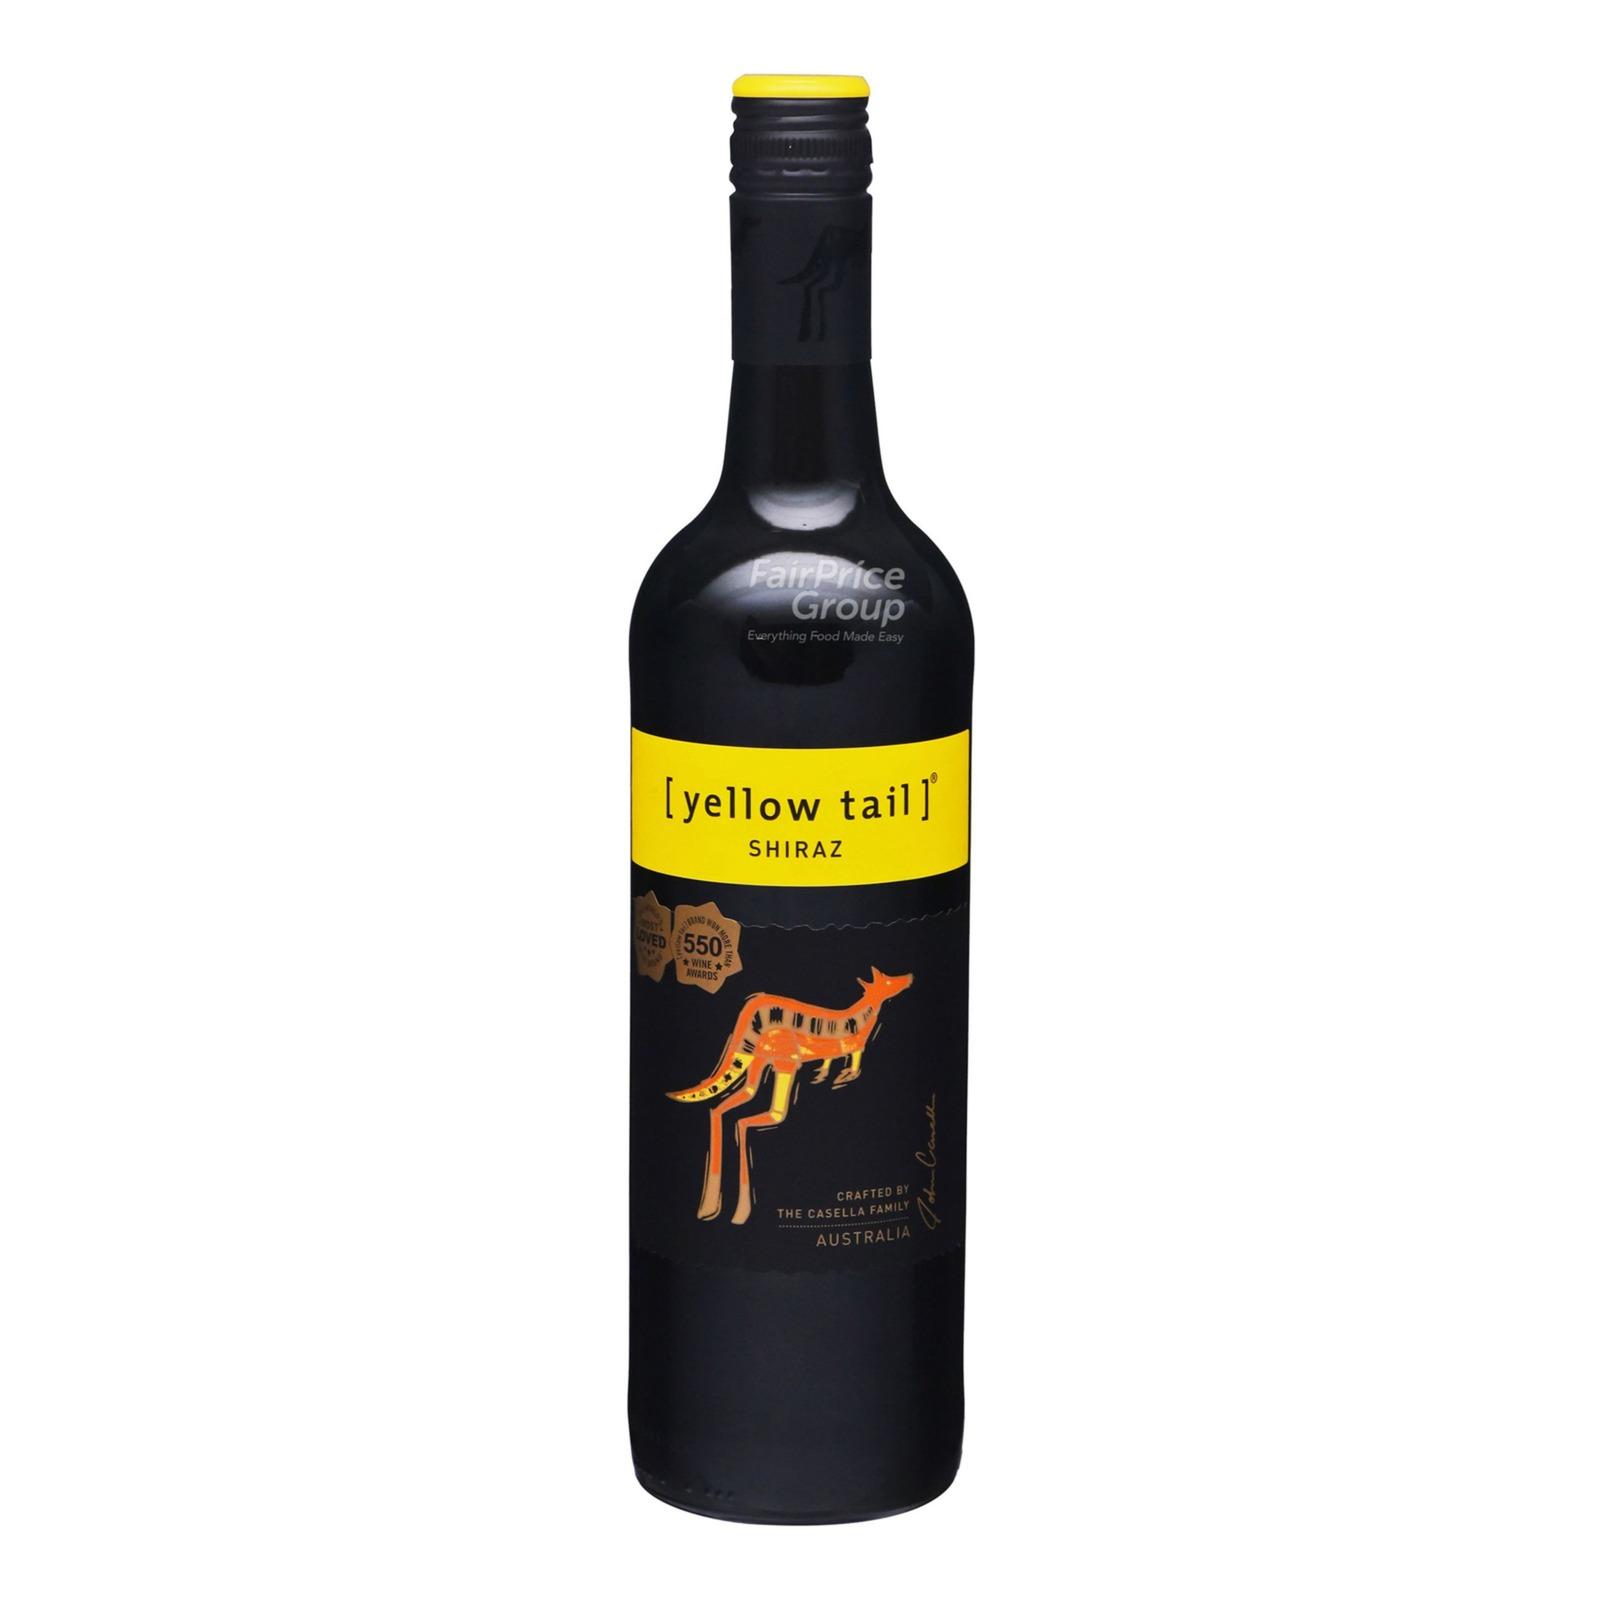 Yellow Tail Red Wine - Shiraz